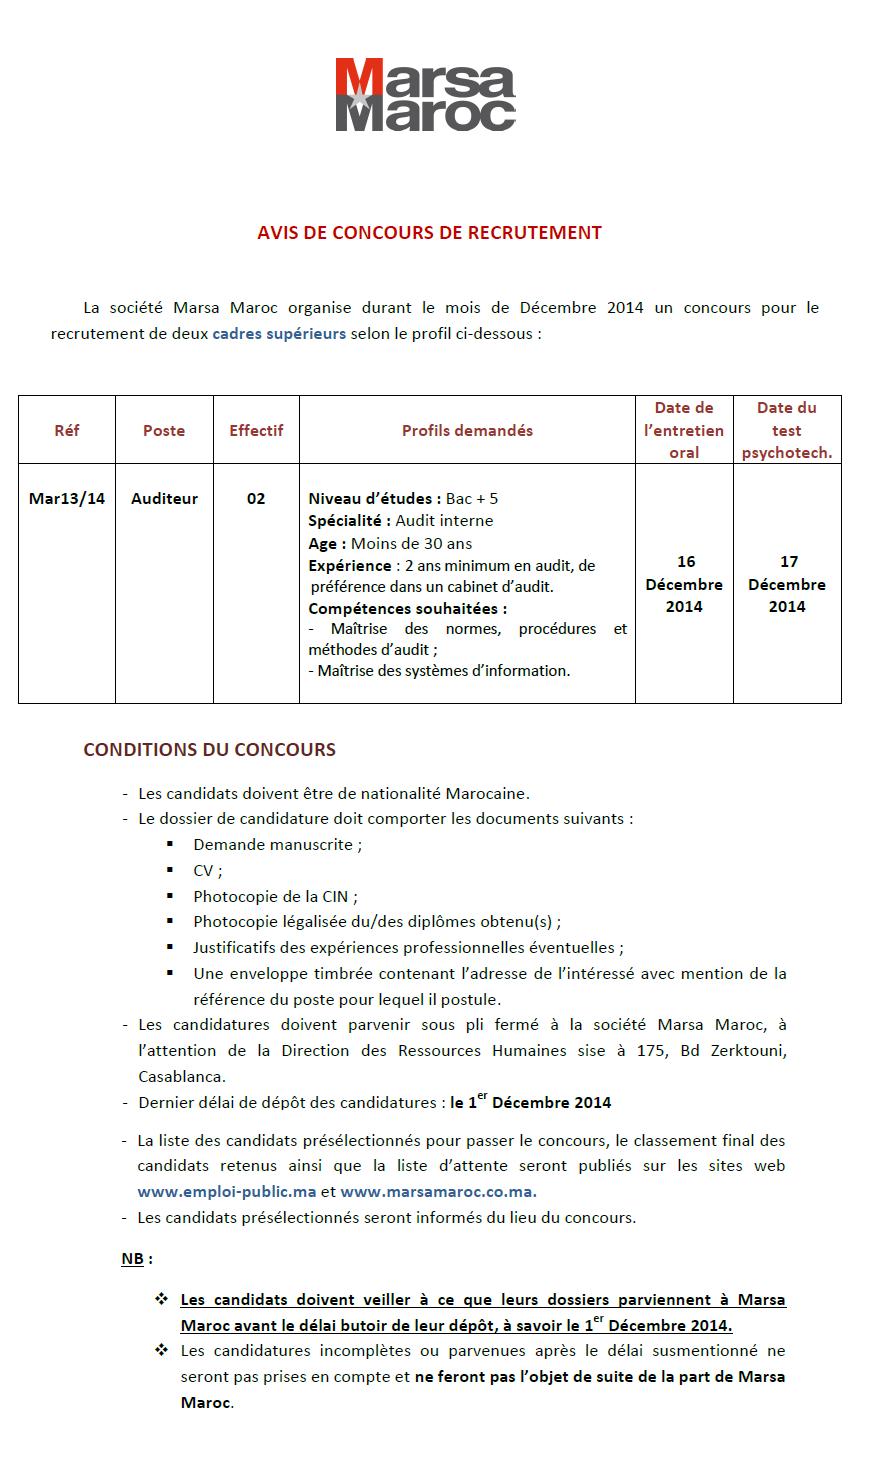 شركة استغلال المونئ (مرسى ماروك) : مباراة لتوظيف مدقق Auditeur (2 منصبان) آخر أجل لإيداع الترشيحات 1 دجنبر 2014 Concou17